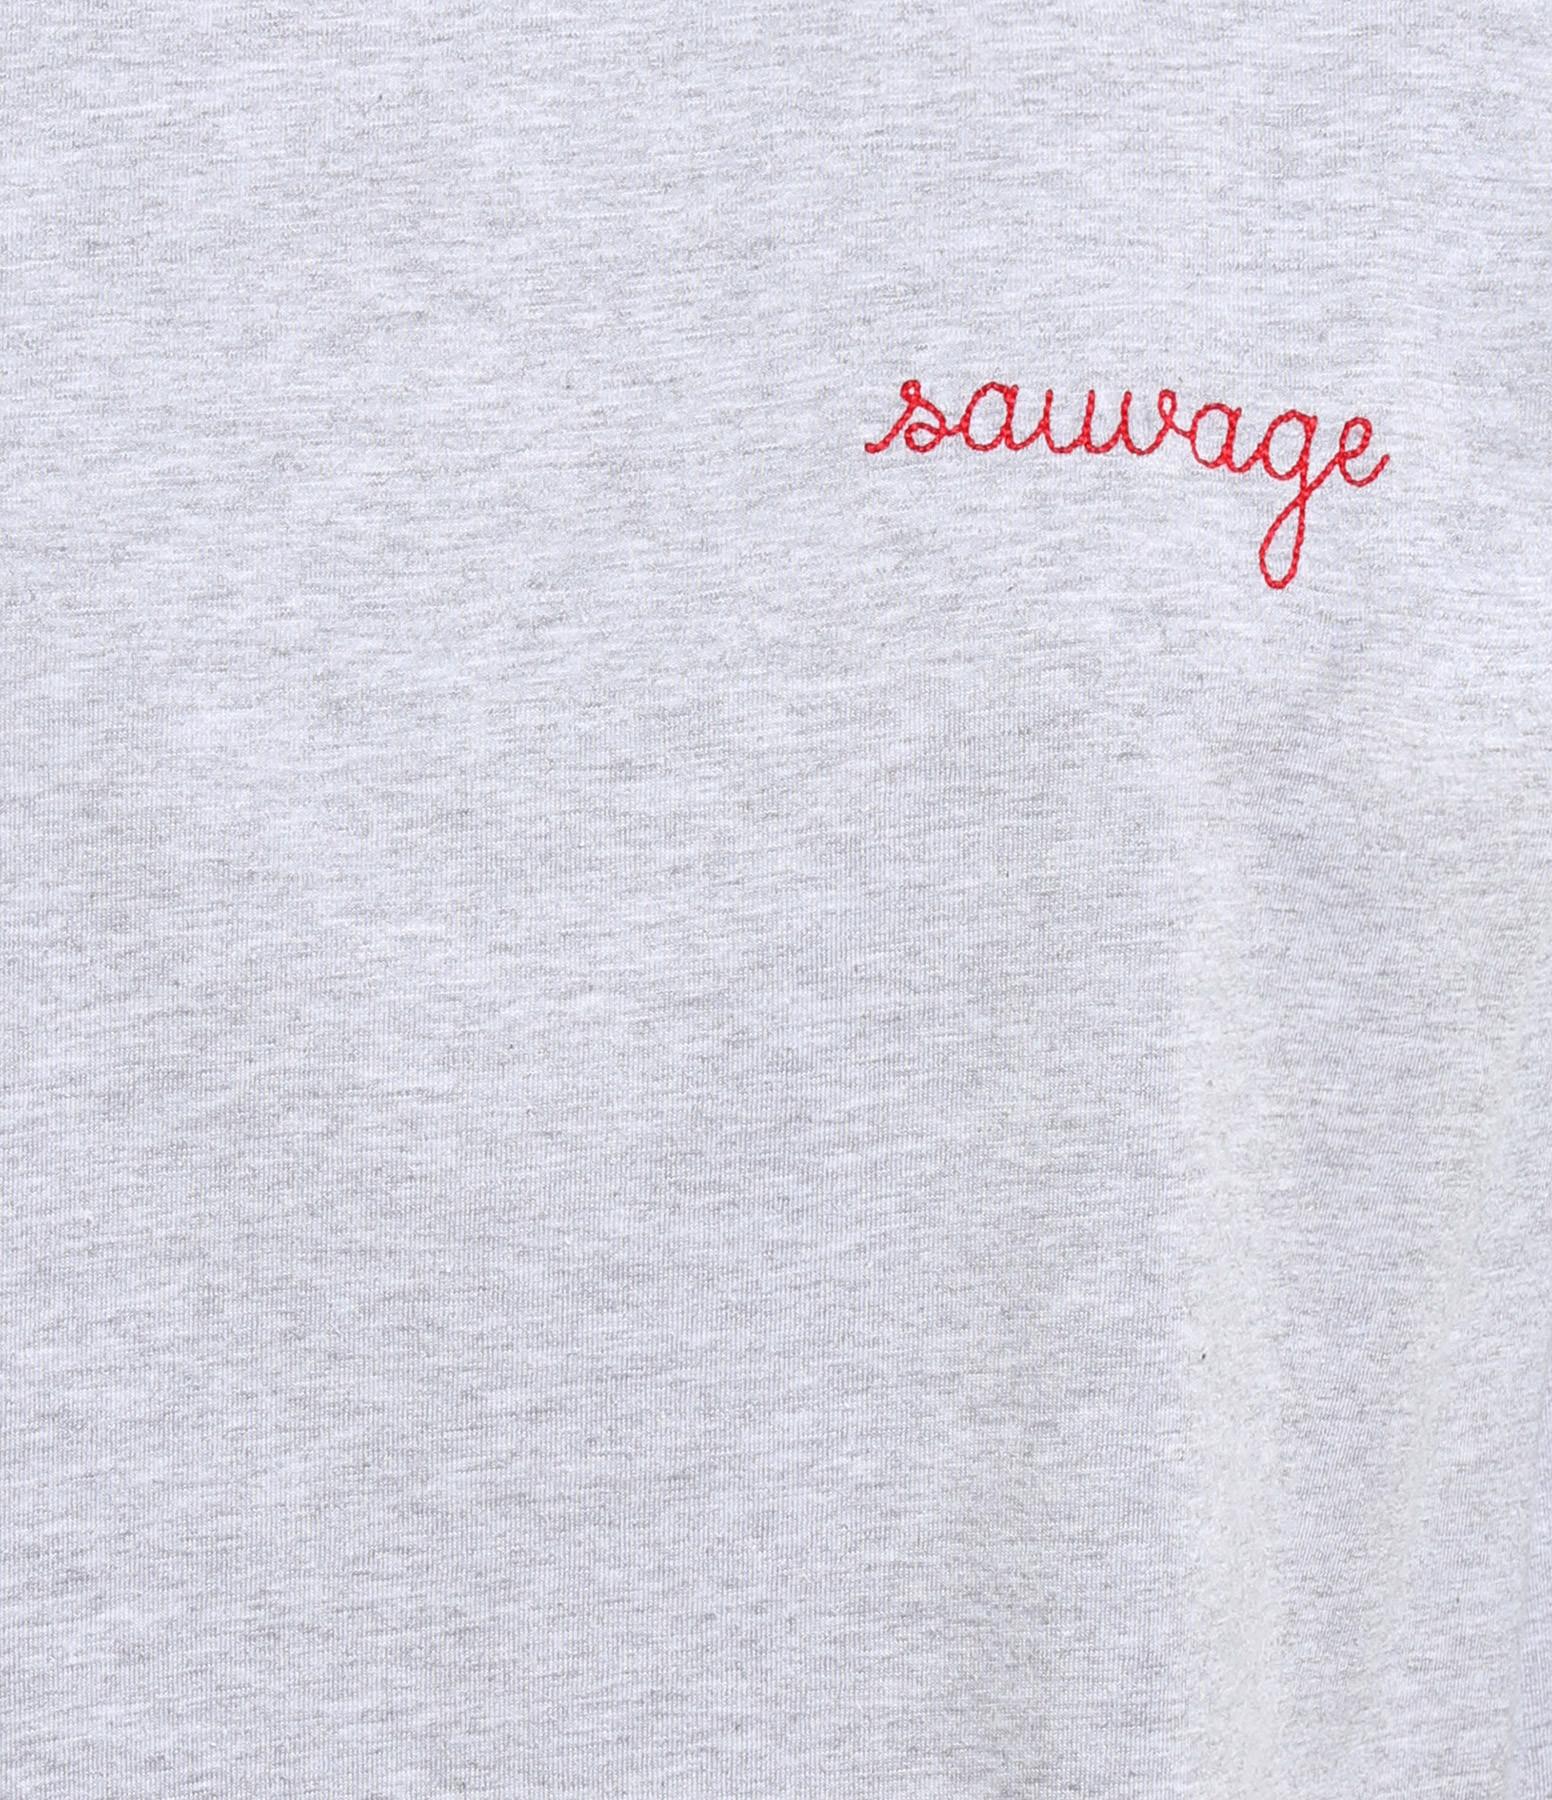 MAISON LABICHE - Tee-shirt Sauvage Coton Gris Chiné Rouge